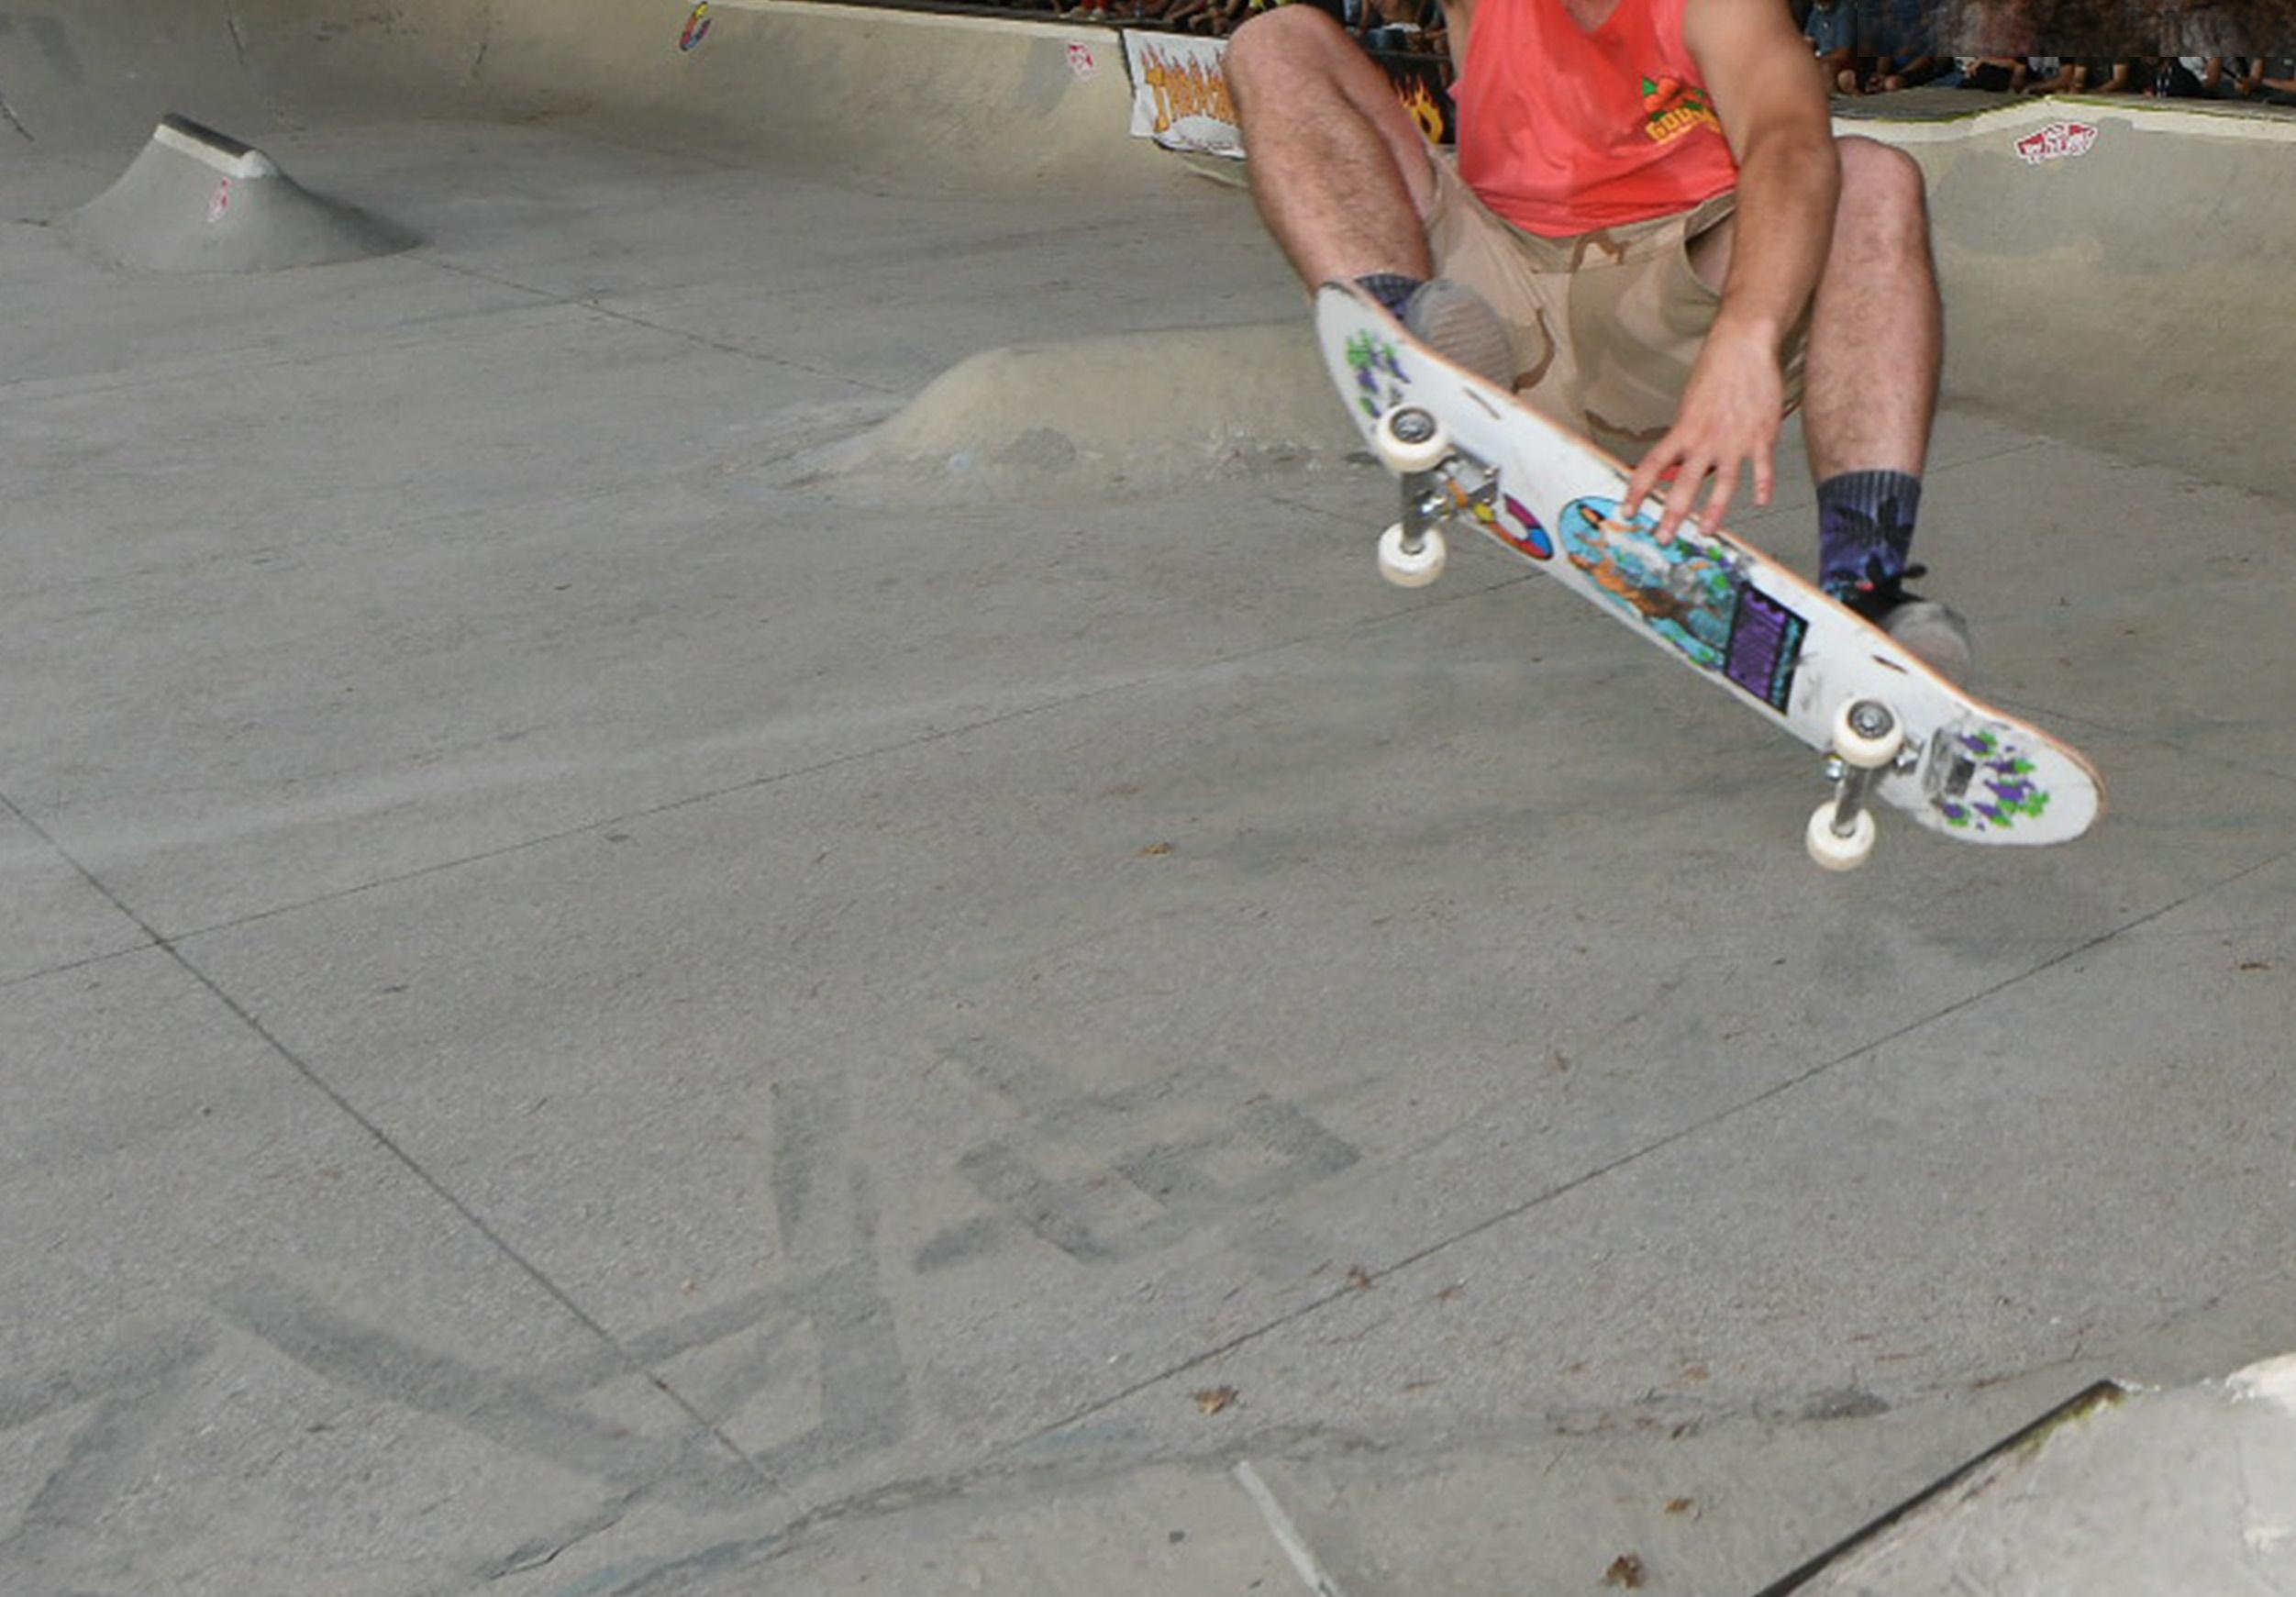 Σύγχρονο υπαίθριο skate park στον Δήμο Πειραιά